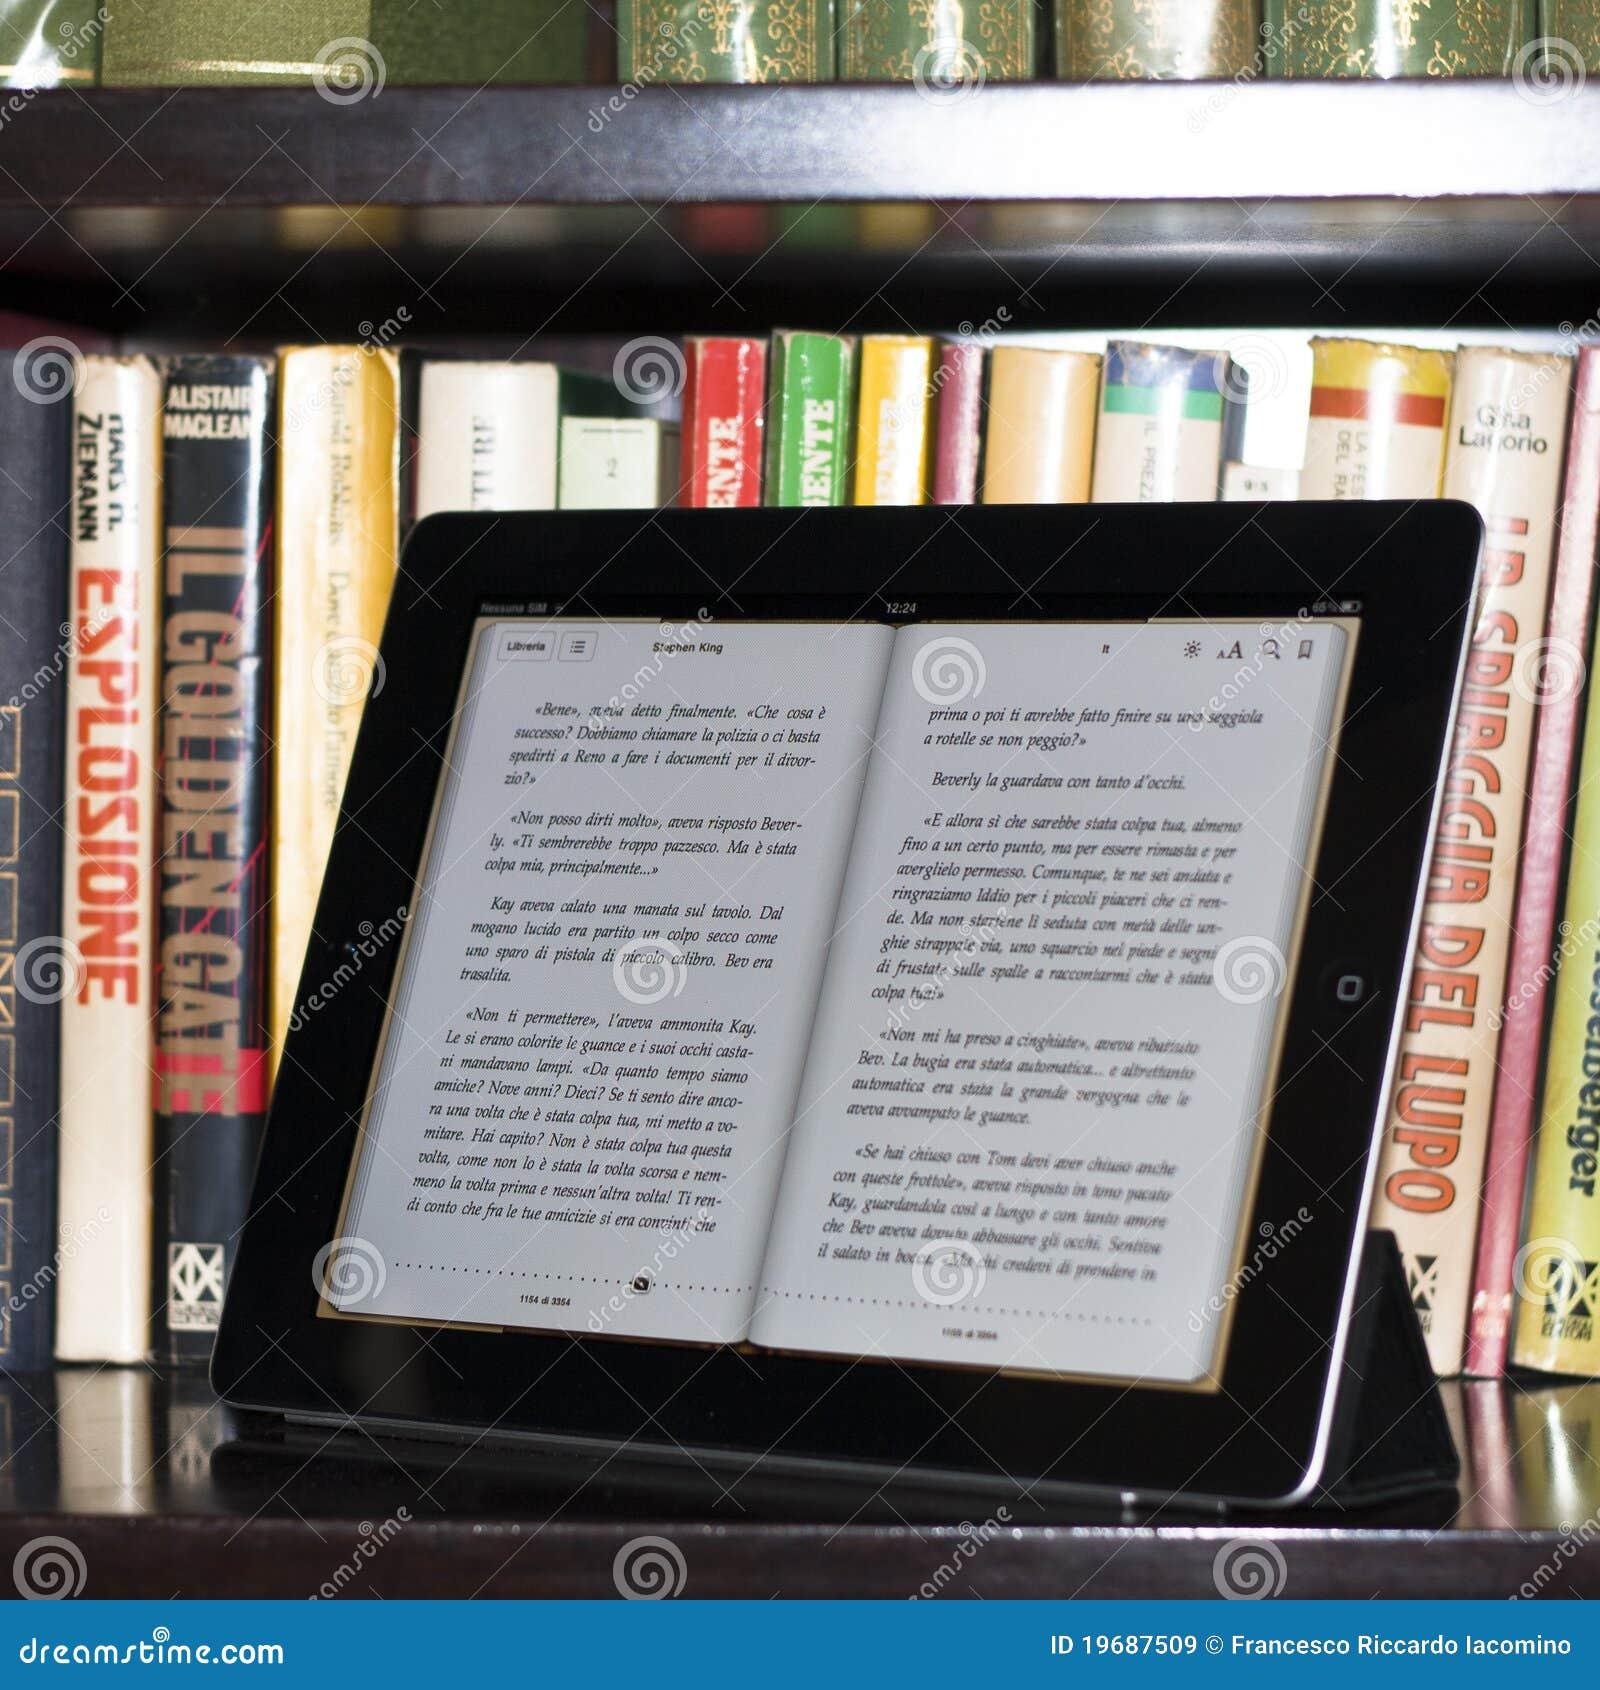 Appel ipad 2 in een moderne bibliotheek redactionele stock afbeelding beeld 19687509 - Moderne bibliotheek ...